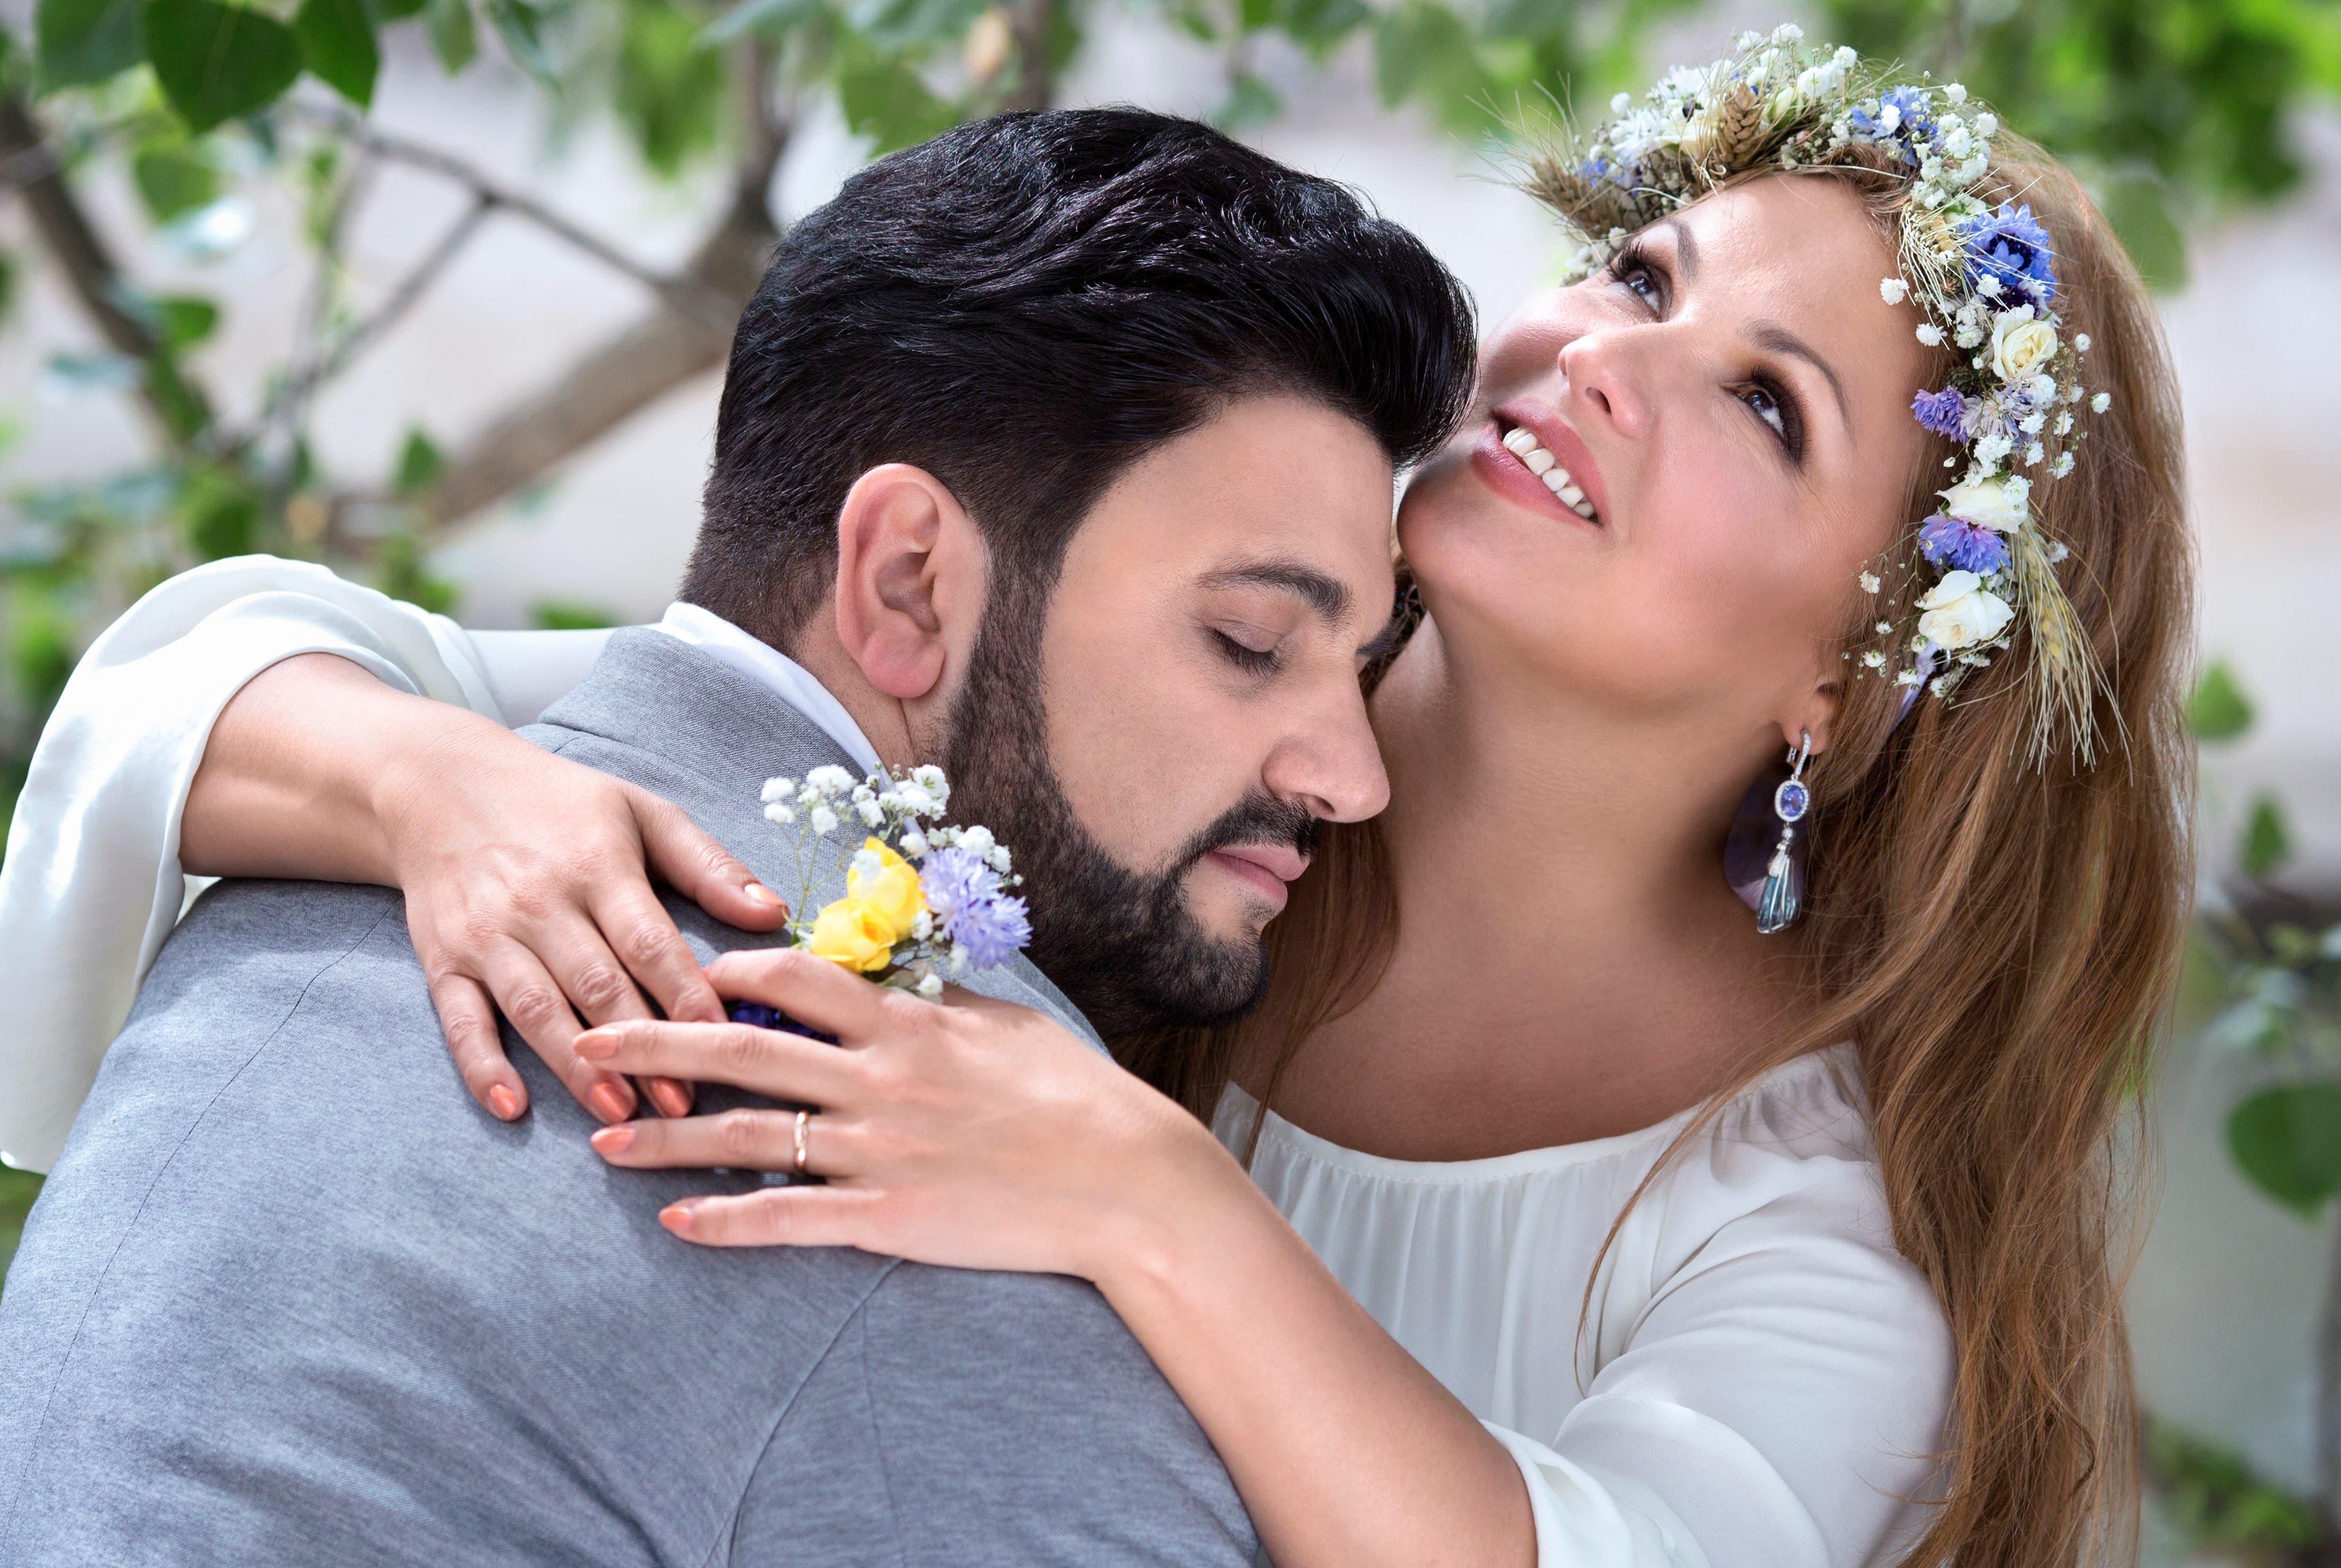 Mit ihrem Ehemann, dem Tenor Yusif Eyvazov. (Bild: Vladimir Shirokov)